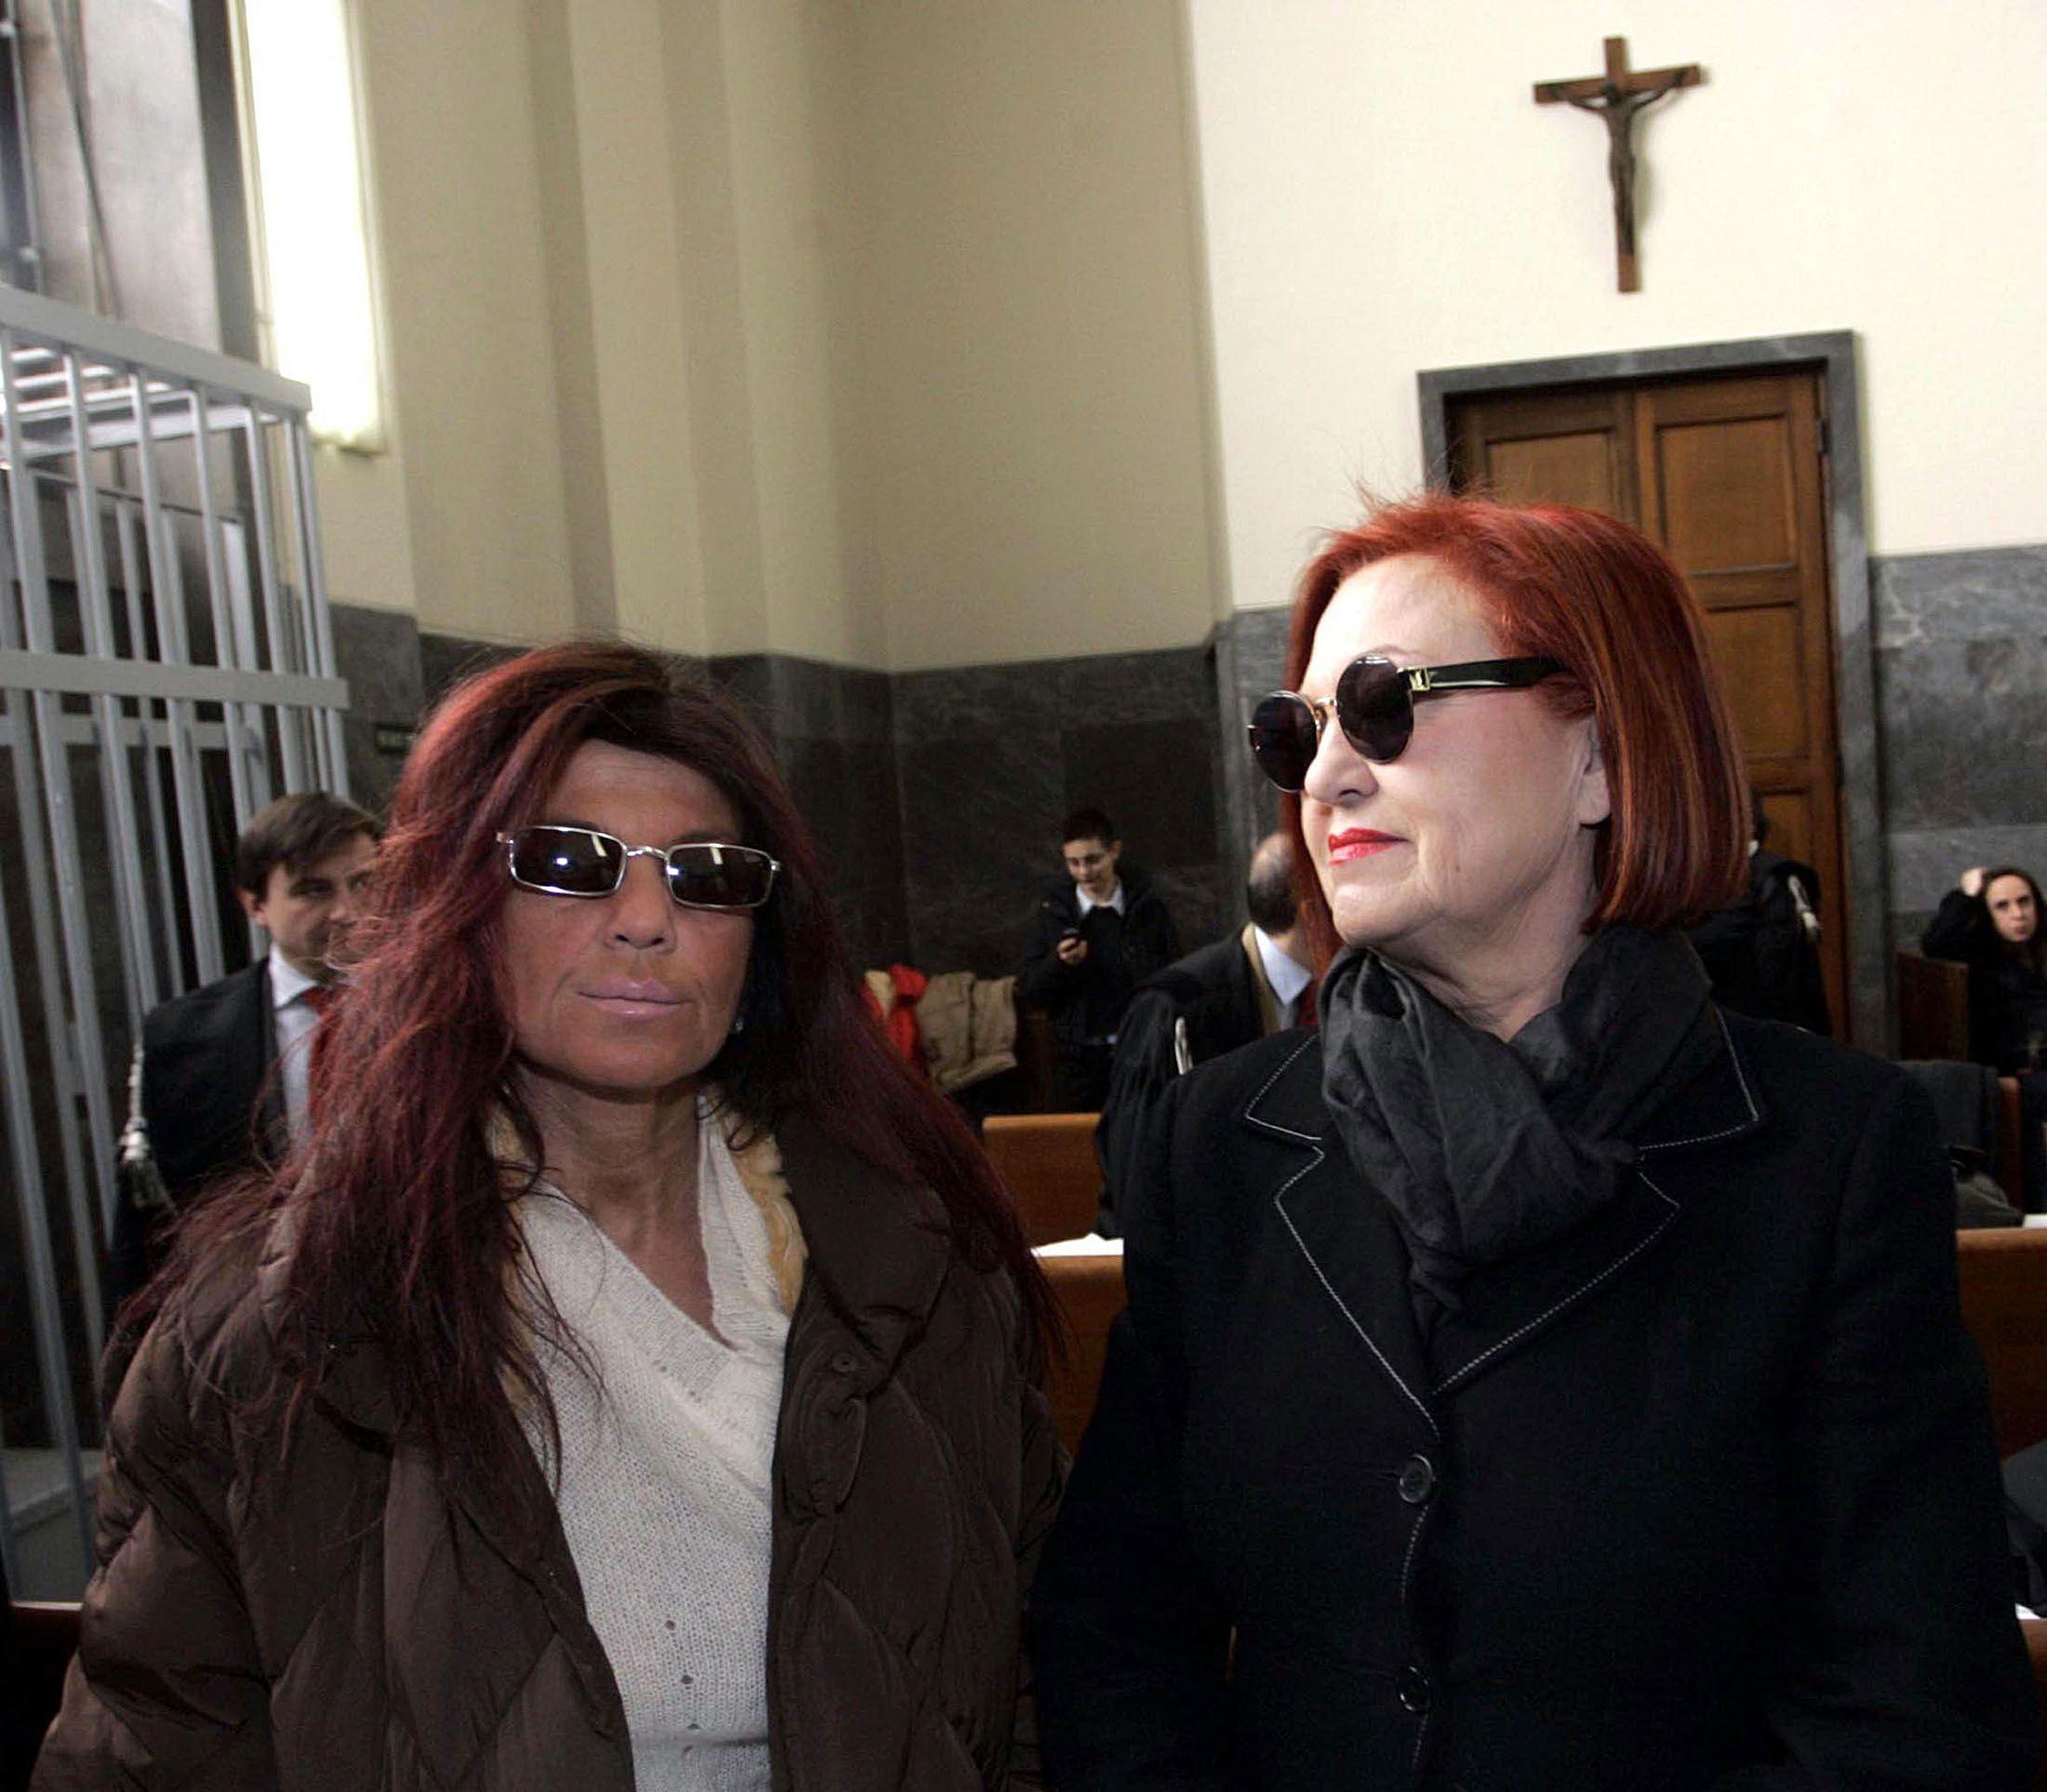 Wanna Marchi e Stefania Nobile: 'A L'Isola dei famosi 2018 una che vendeva droga, vergogna!'